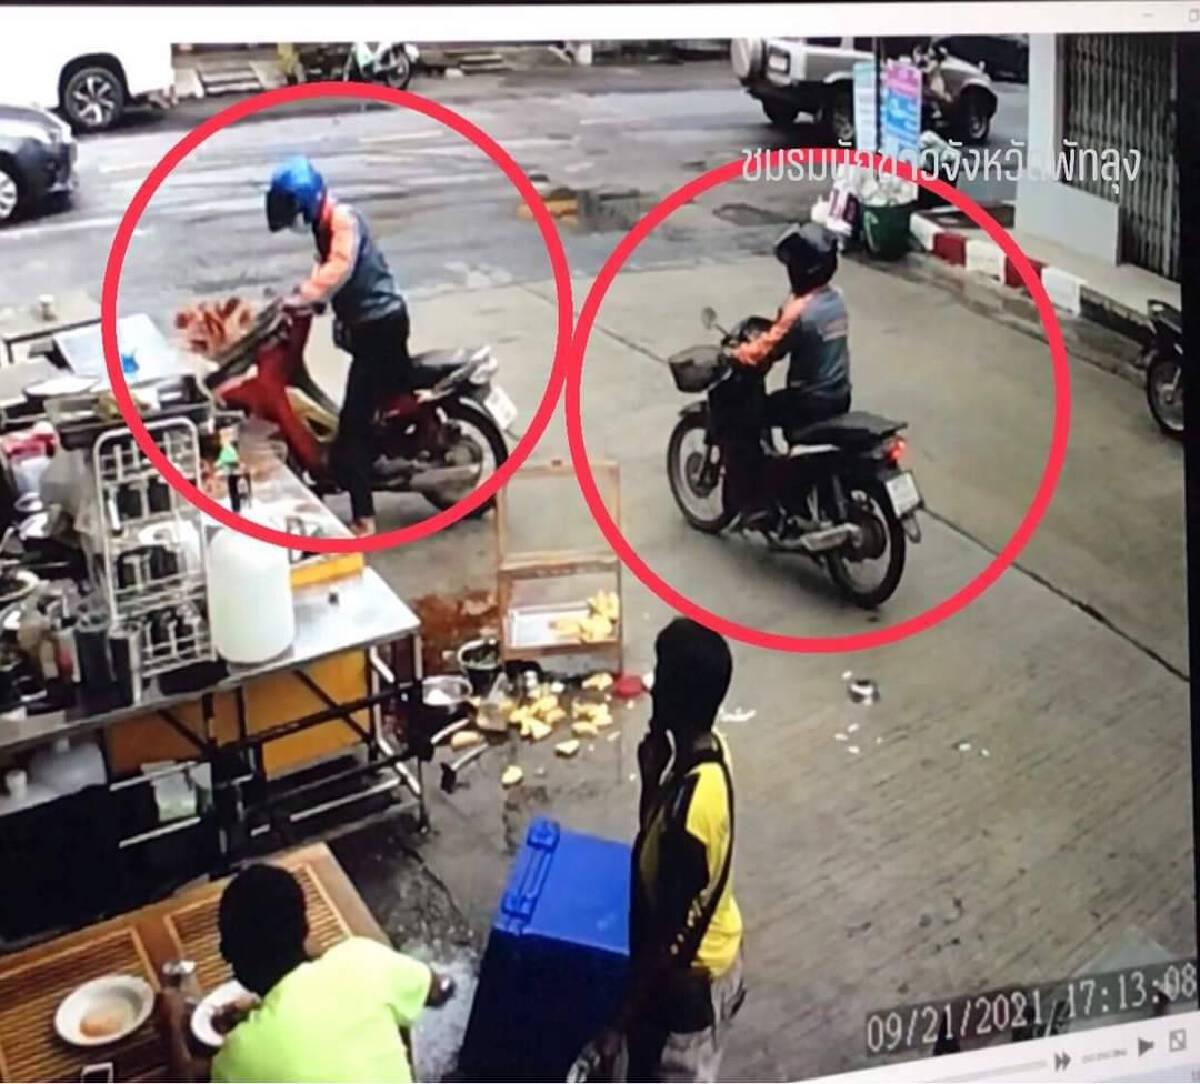 พัทลุง-แก๊งทวงหนี้โหดบุกพังร้านอาหาร เหตุลูกหนี้ตกลงเจ้าของเงินได้